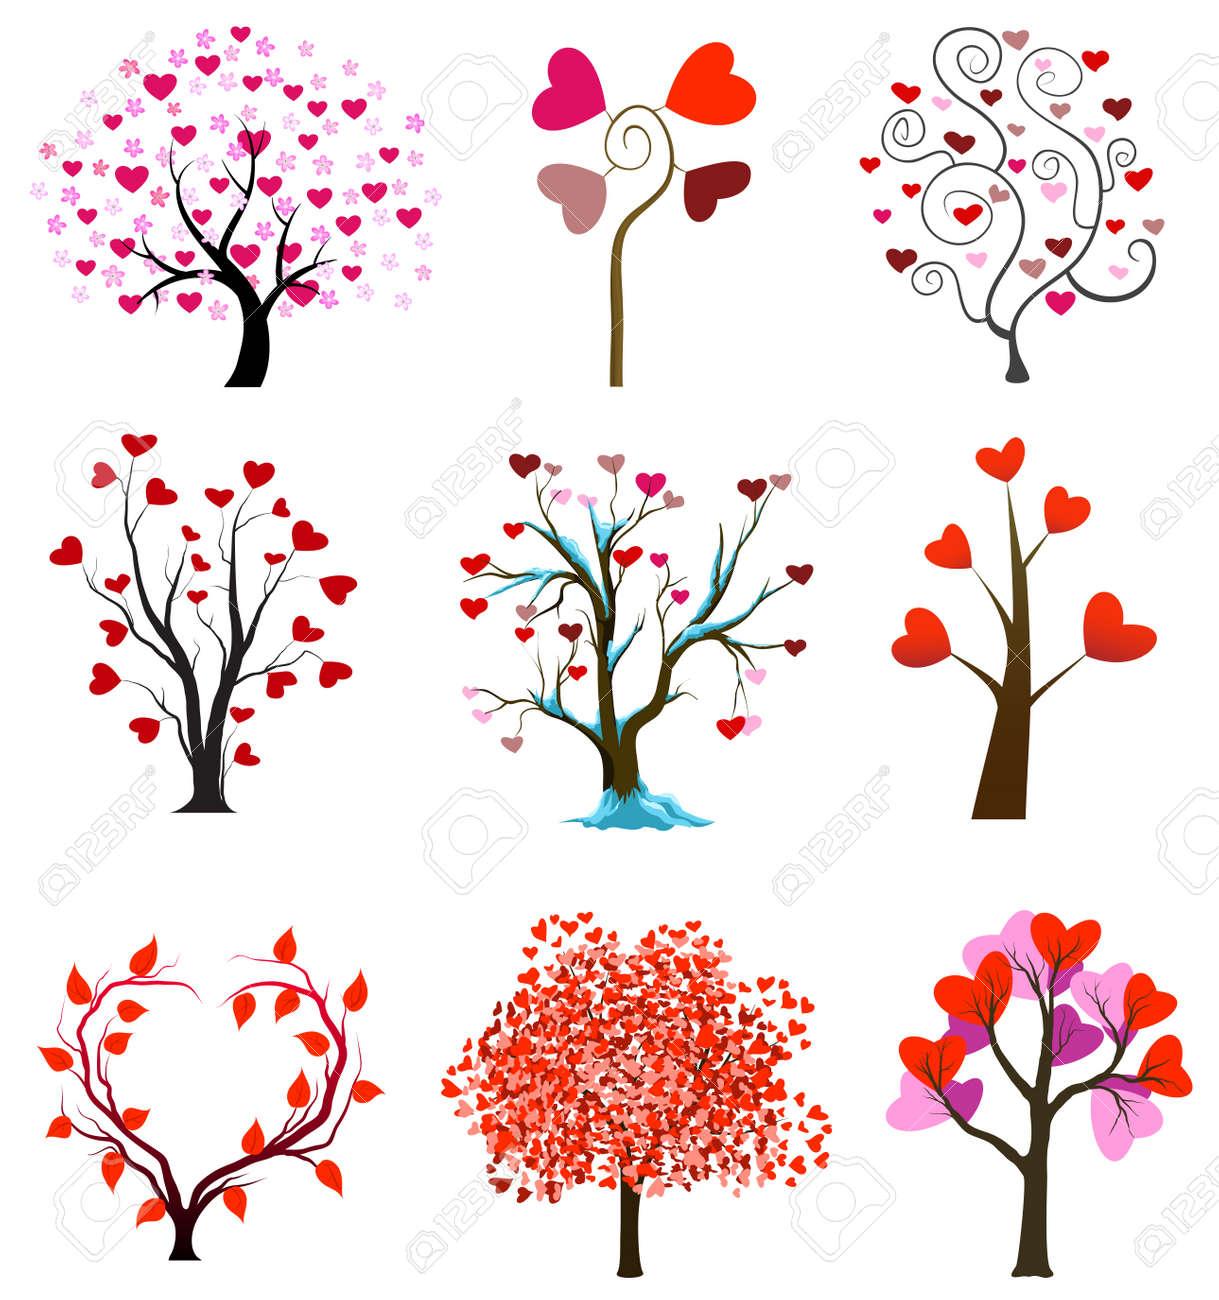 Le encantan los árboles concepto con el corazón. Día de San Valentín o los vectores de la boda Foto de archivo - 11656607